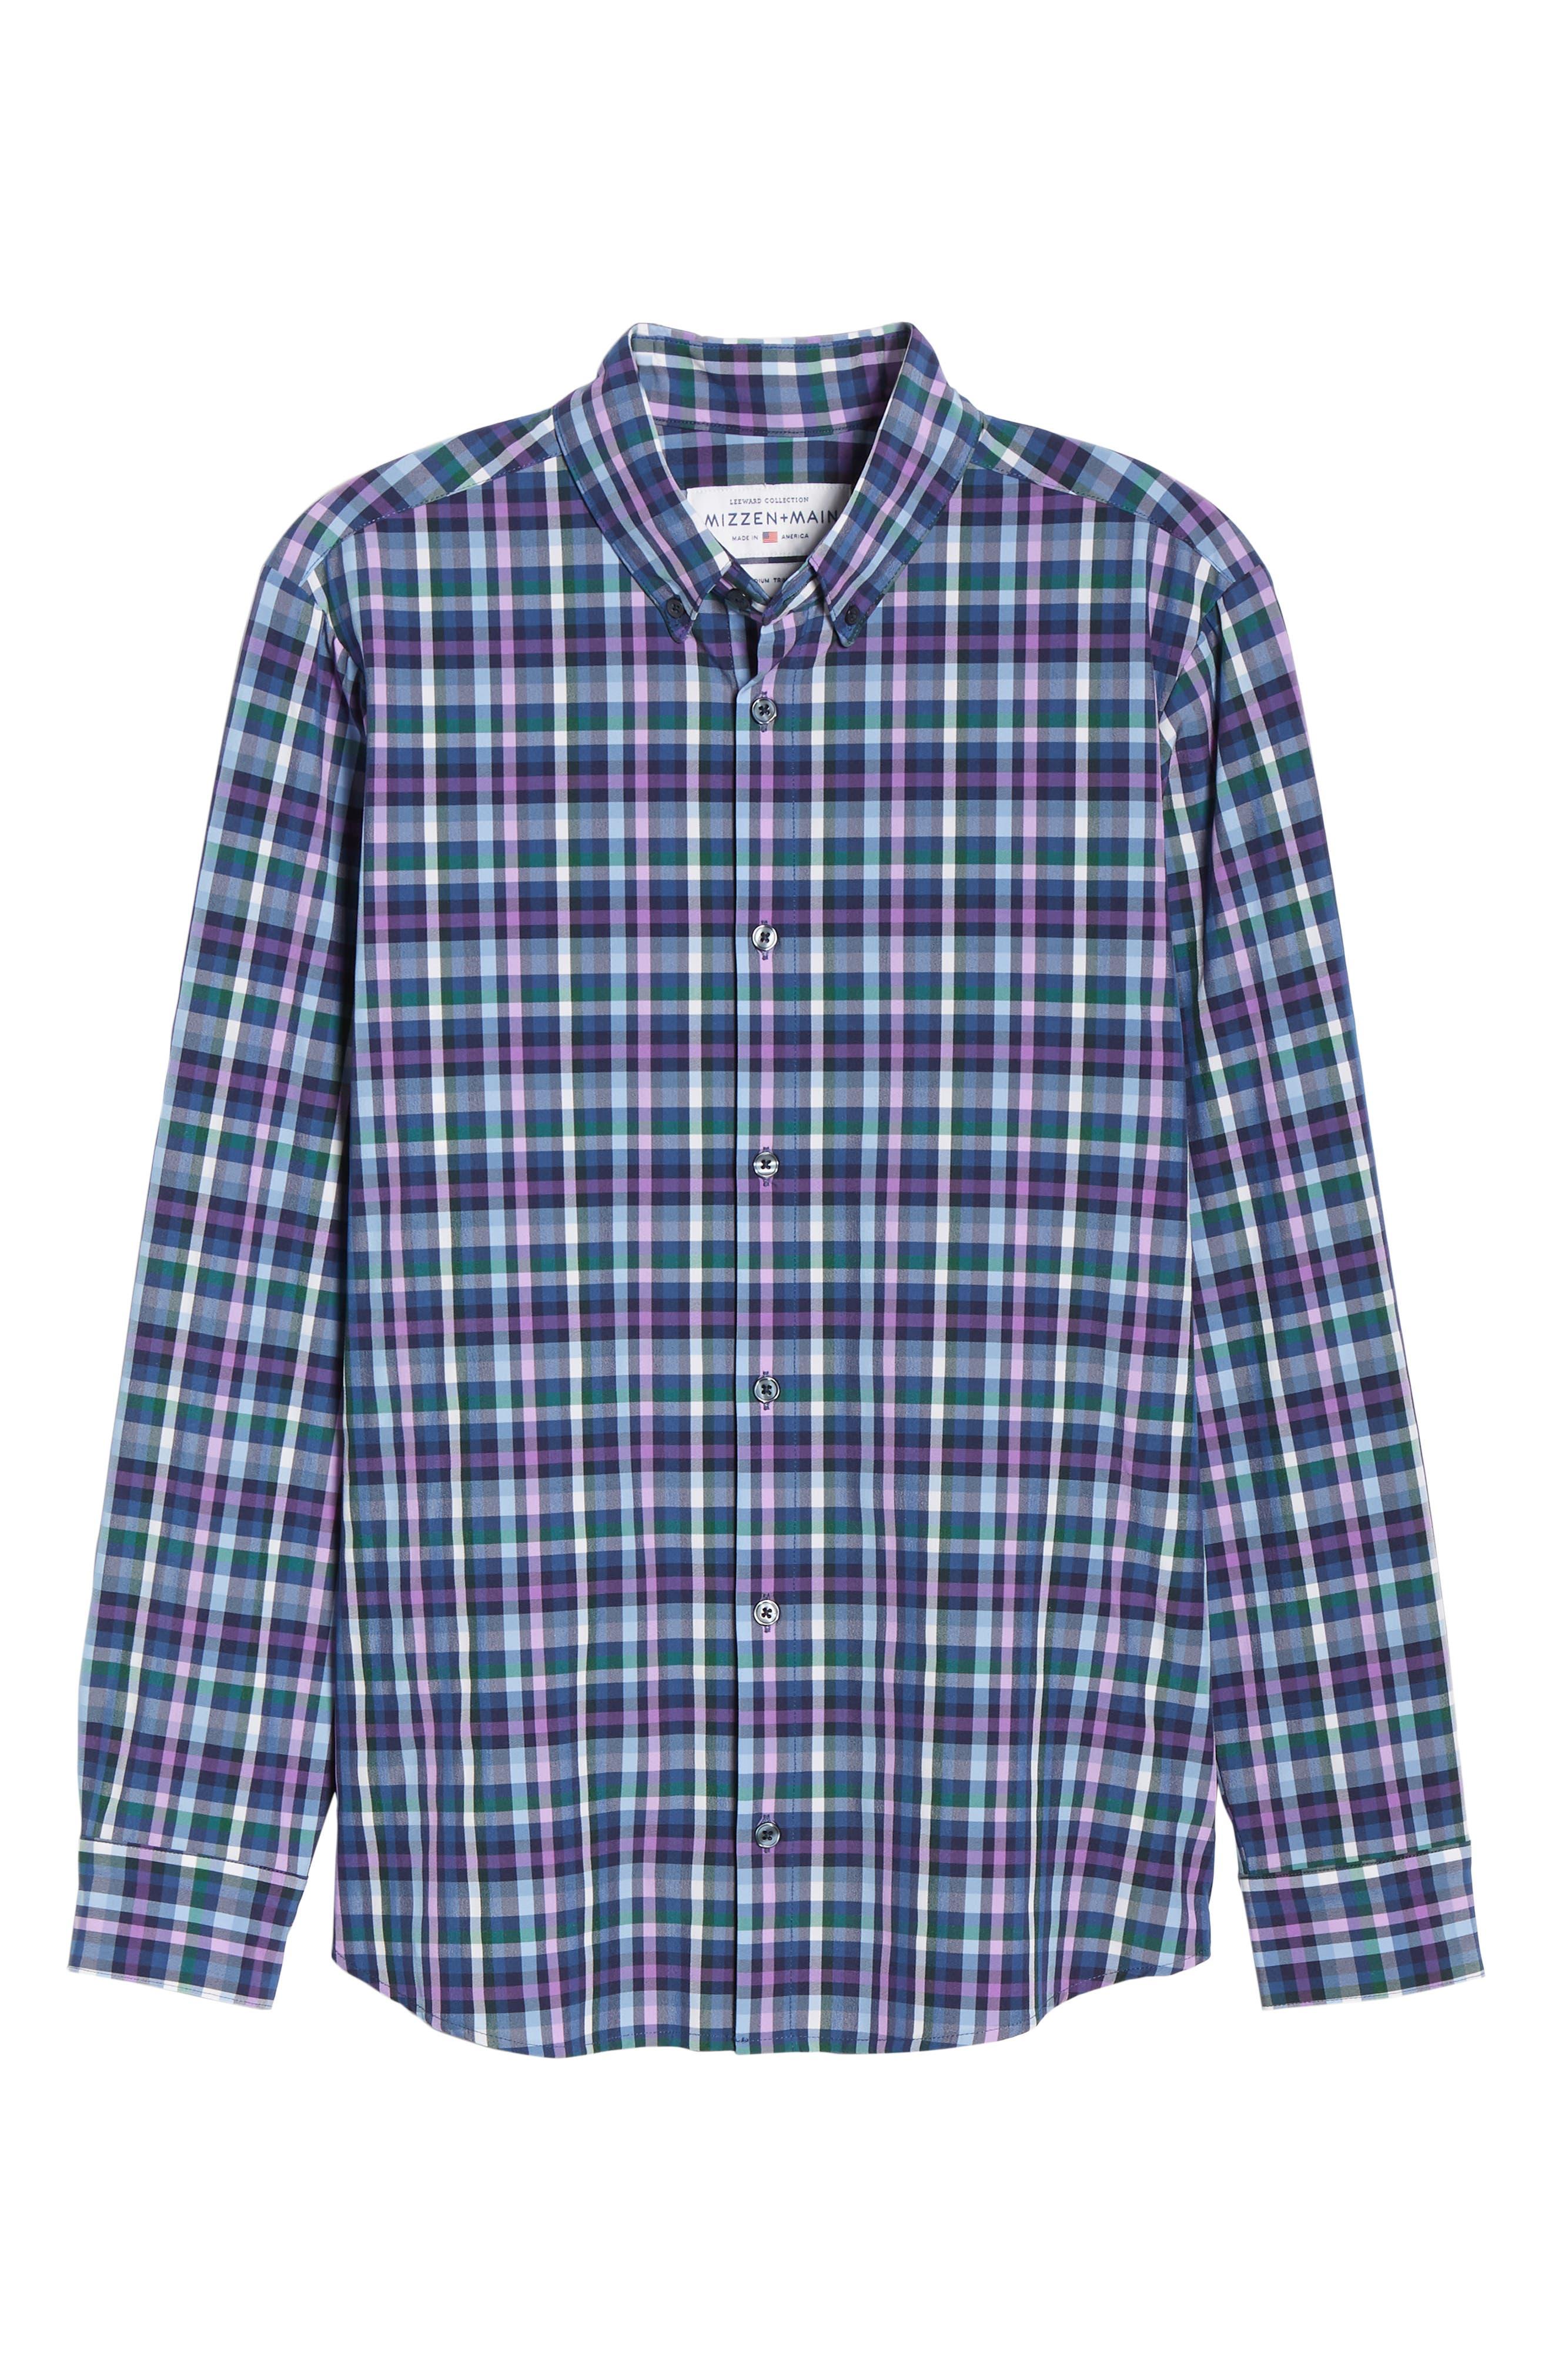 MIZZEN+MAIN, Snyder Plaid Performance Sport Shirt, Alternate thumbnail 5, color, 485